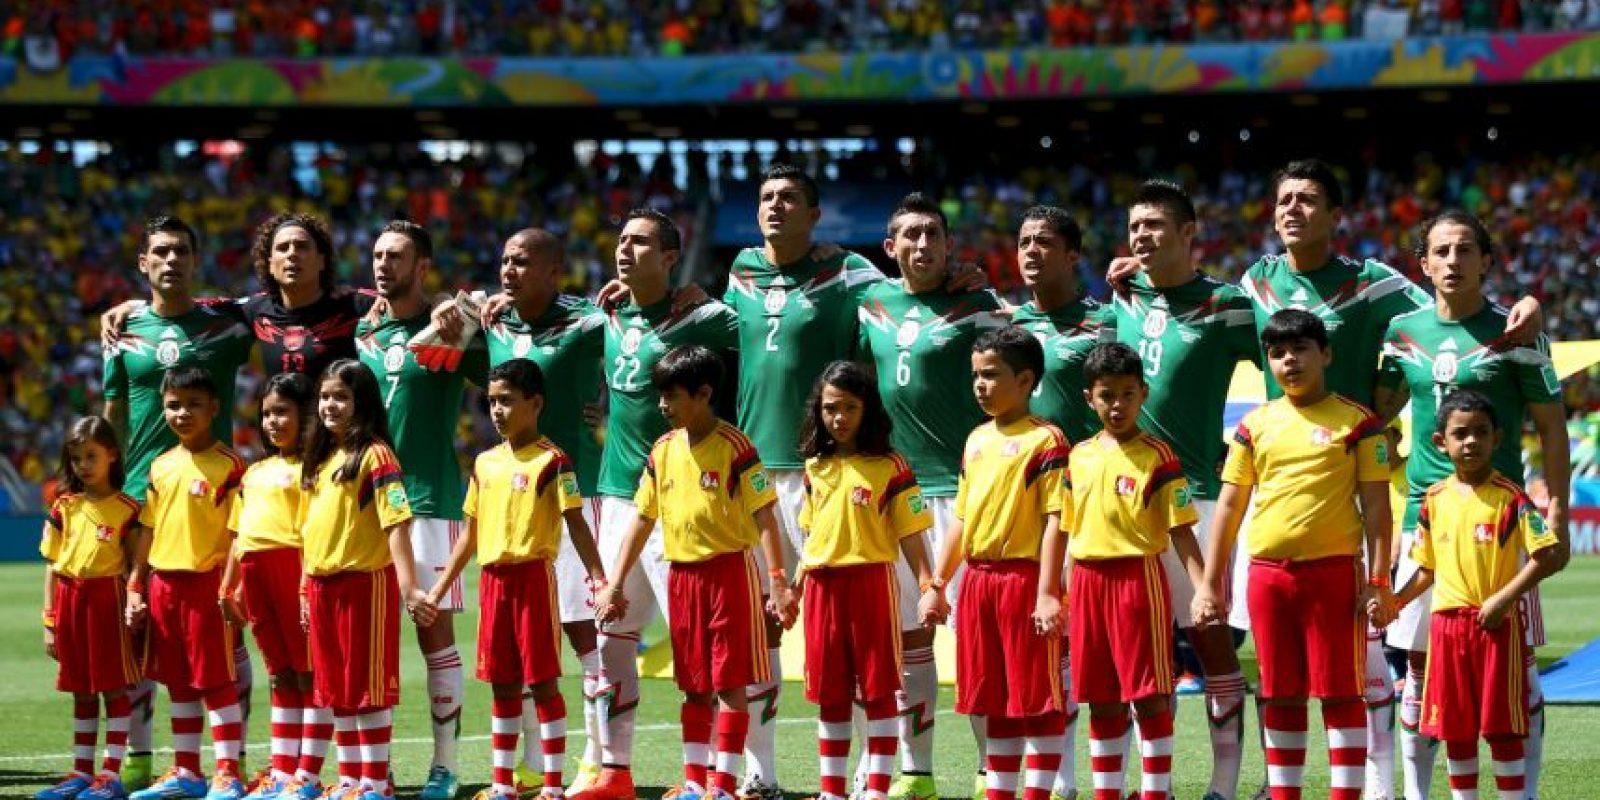 México participa en la Copa América desde 1993 y así le ha ido en más de 20 años. Foto:Getty Images